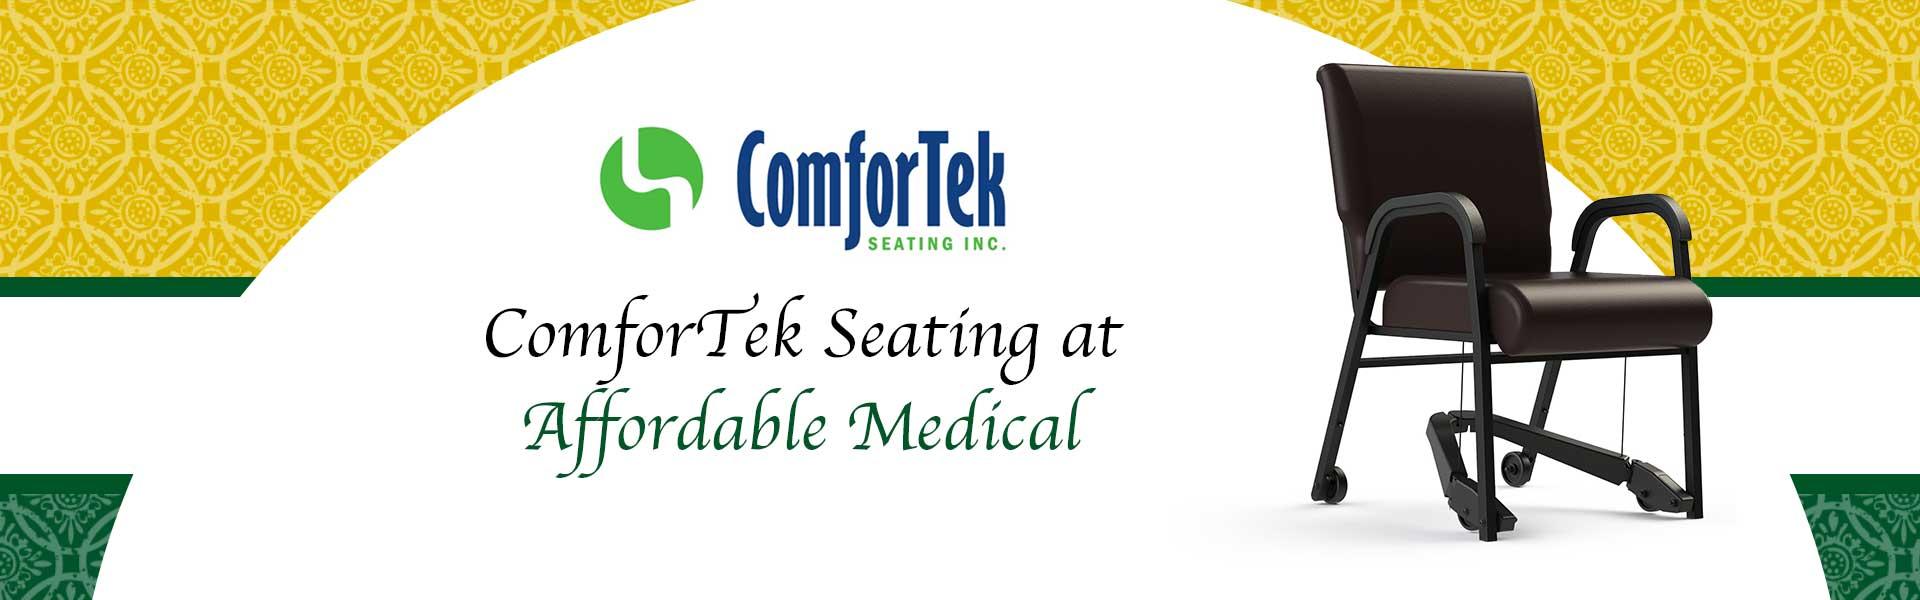 comfortek-chairs